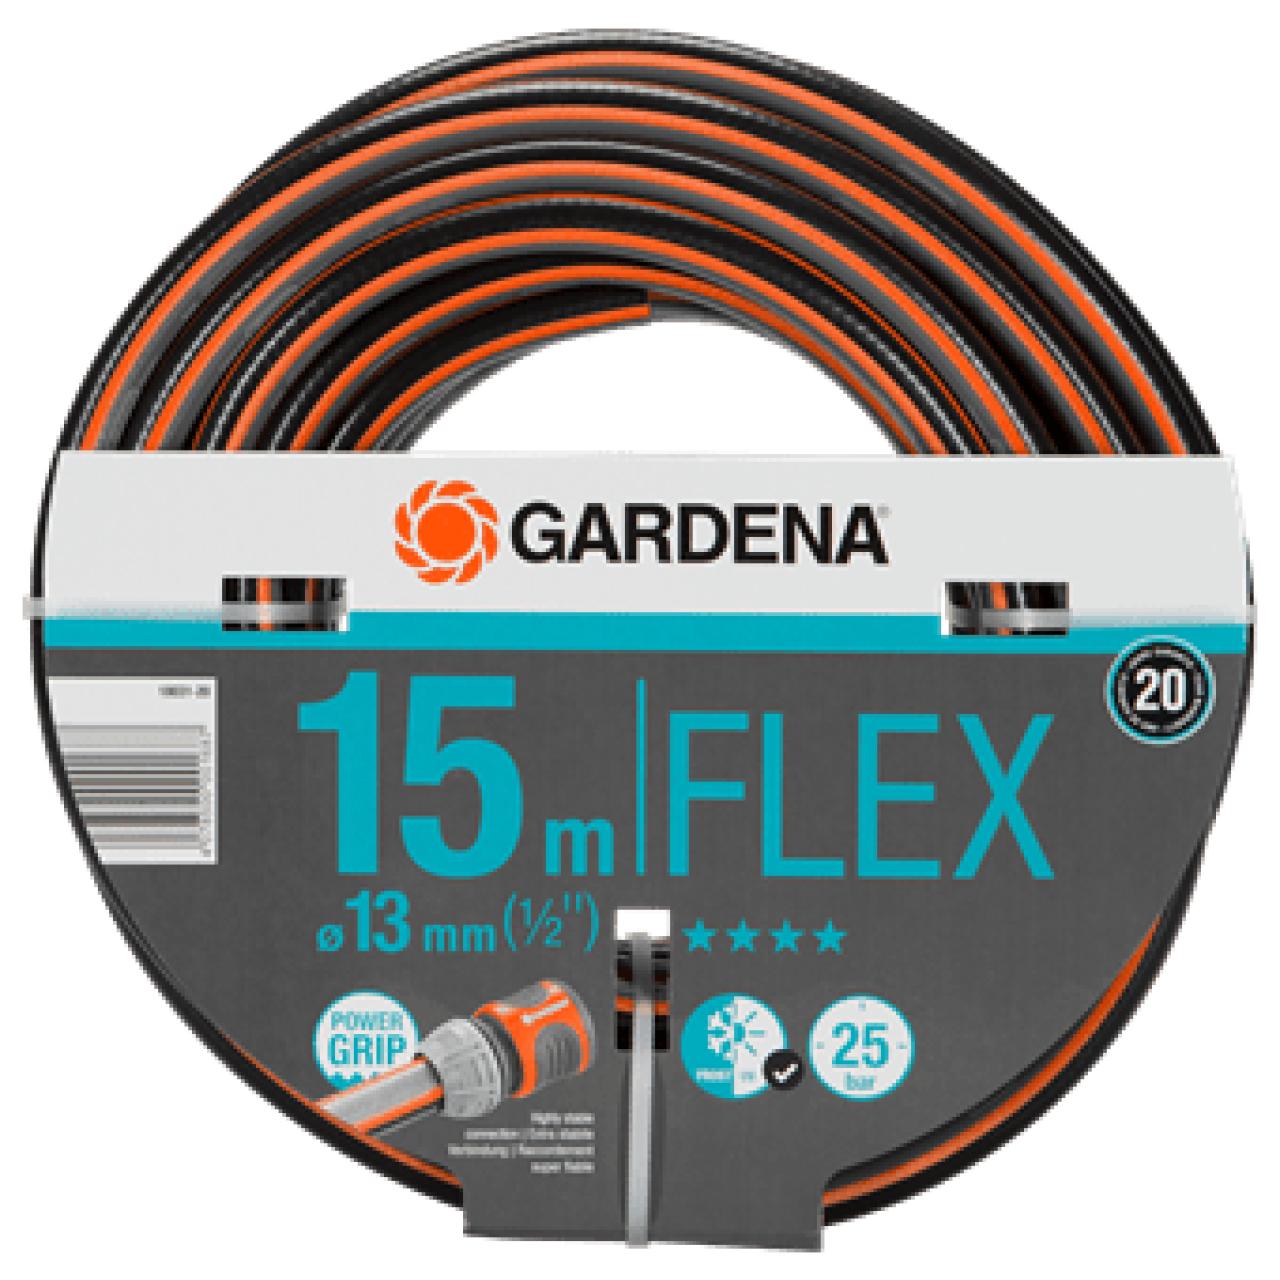 """Comfort FLEX Schlauch 9x9, 13 mm (1/2""""), 15 m, ohne Systemteile"""